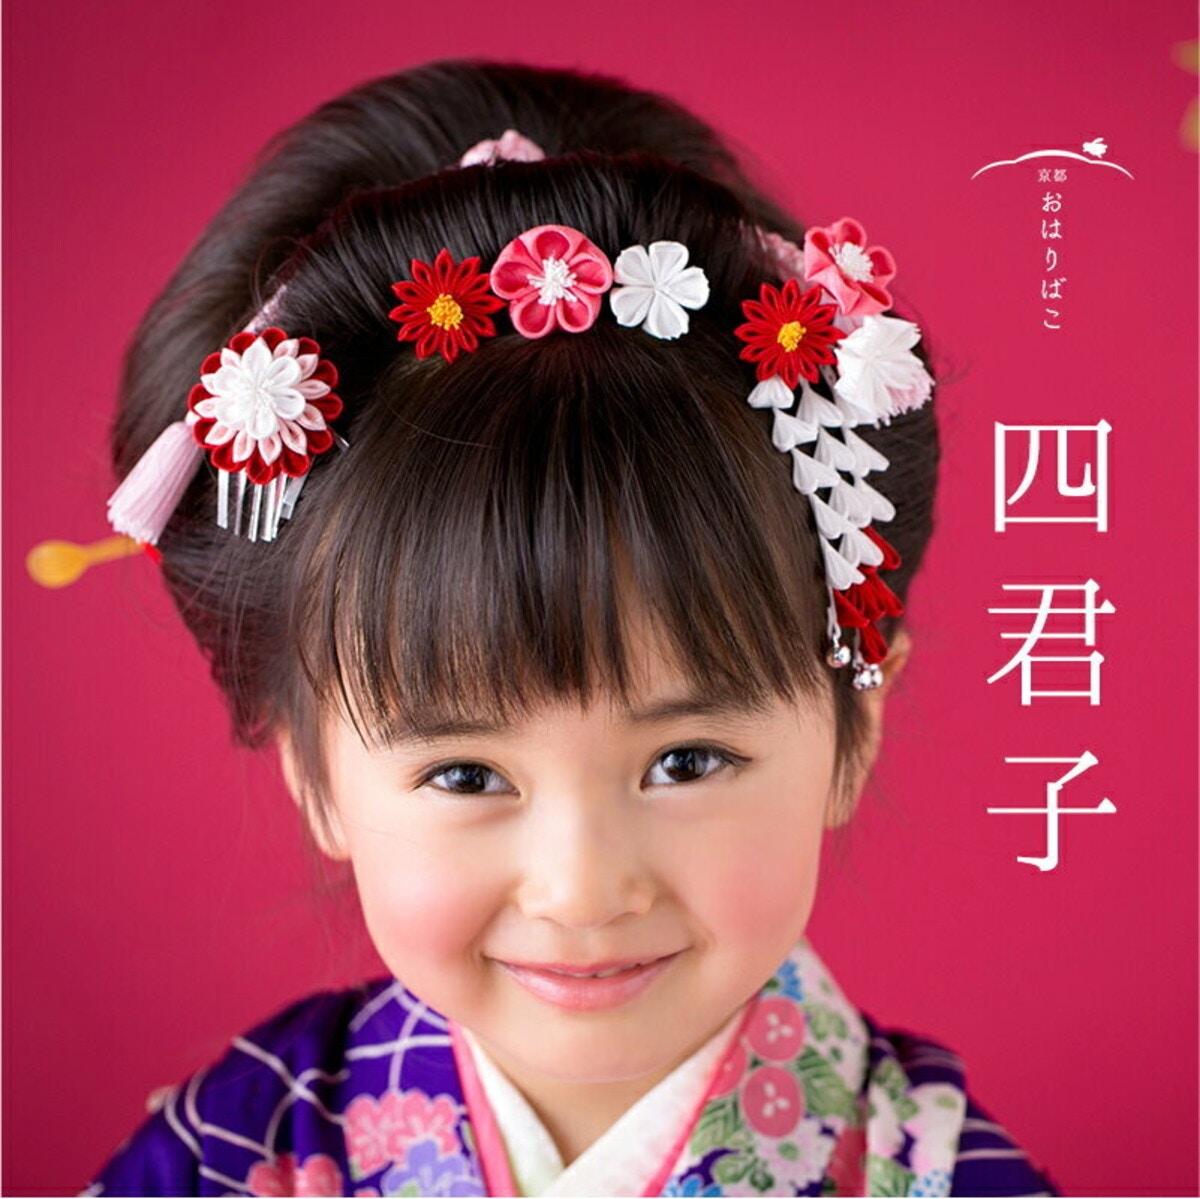 七五三 髪飾り 三歳 【三歳用】四君子(梅・菊・撫子)両飾りパッチンセット